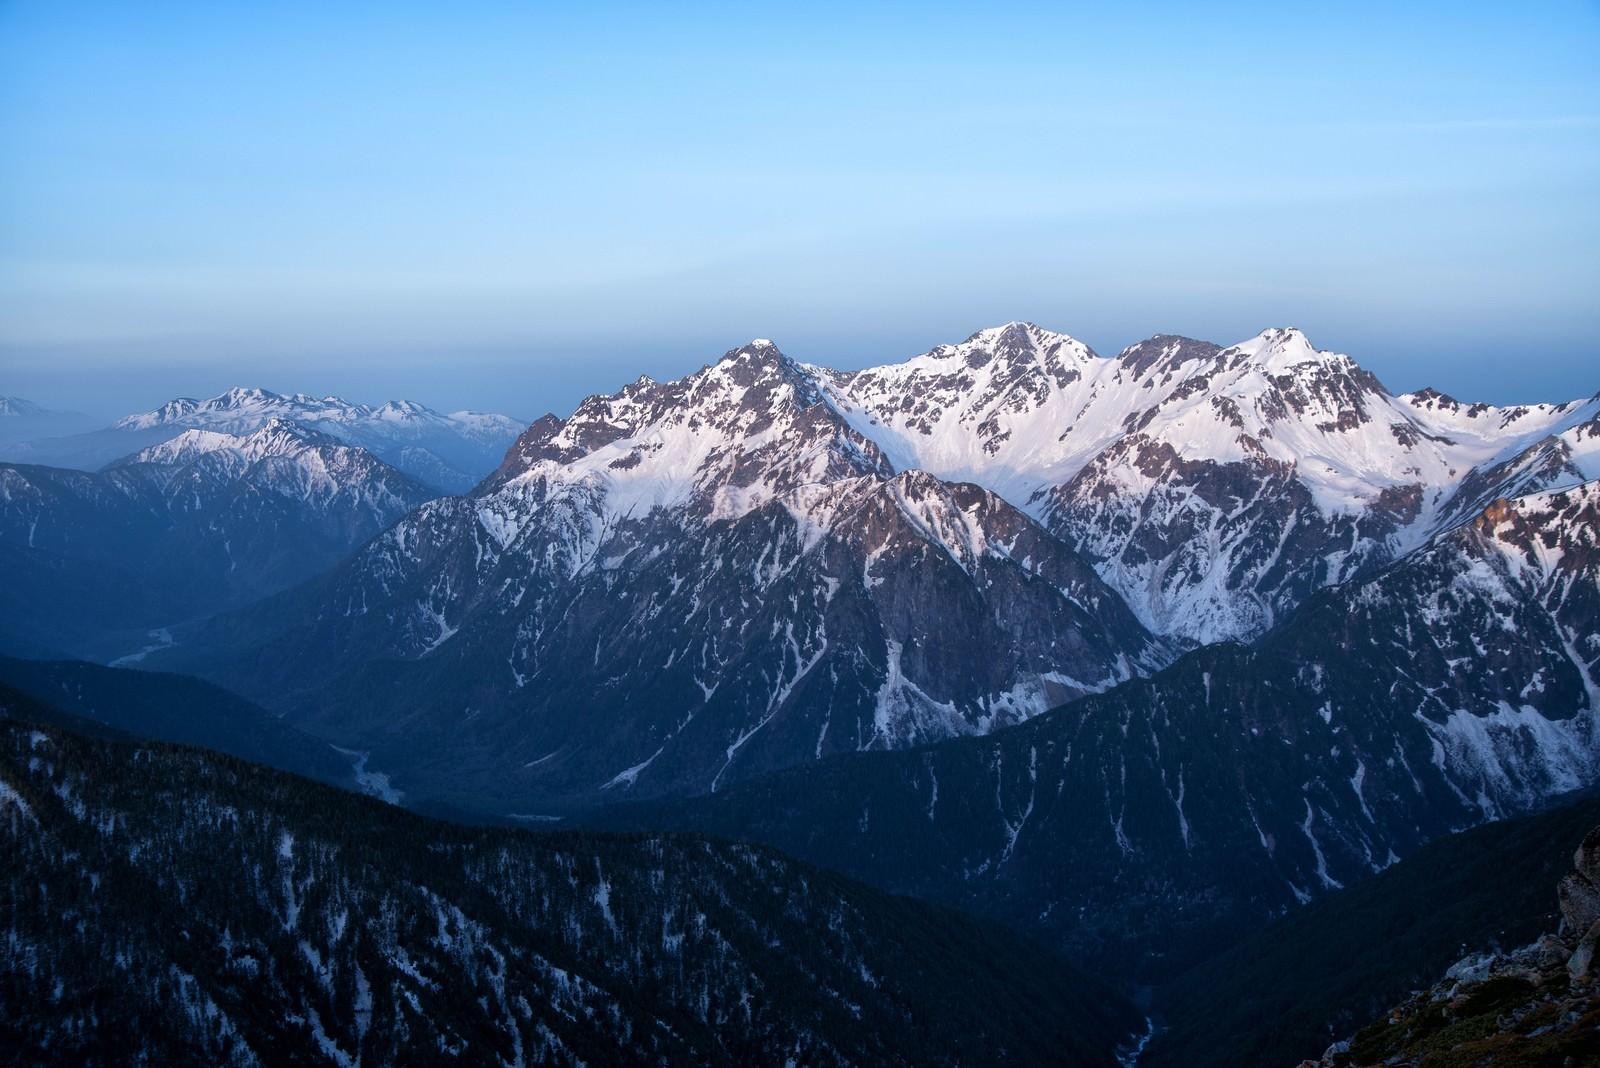 「静かに夜明けを迎える穂高連峰」の写真